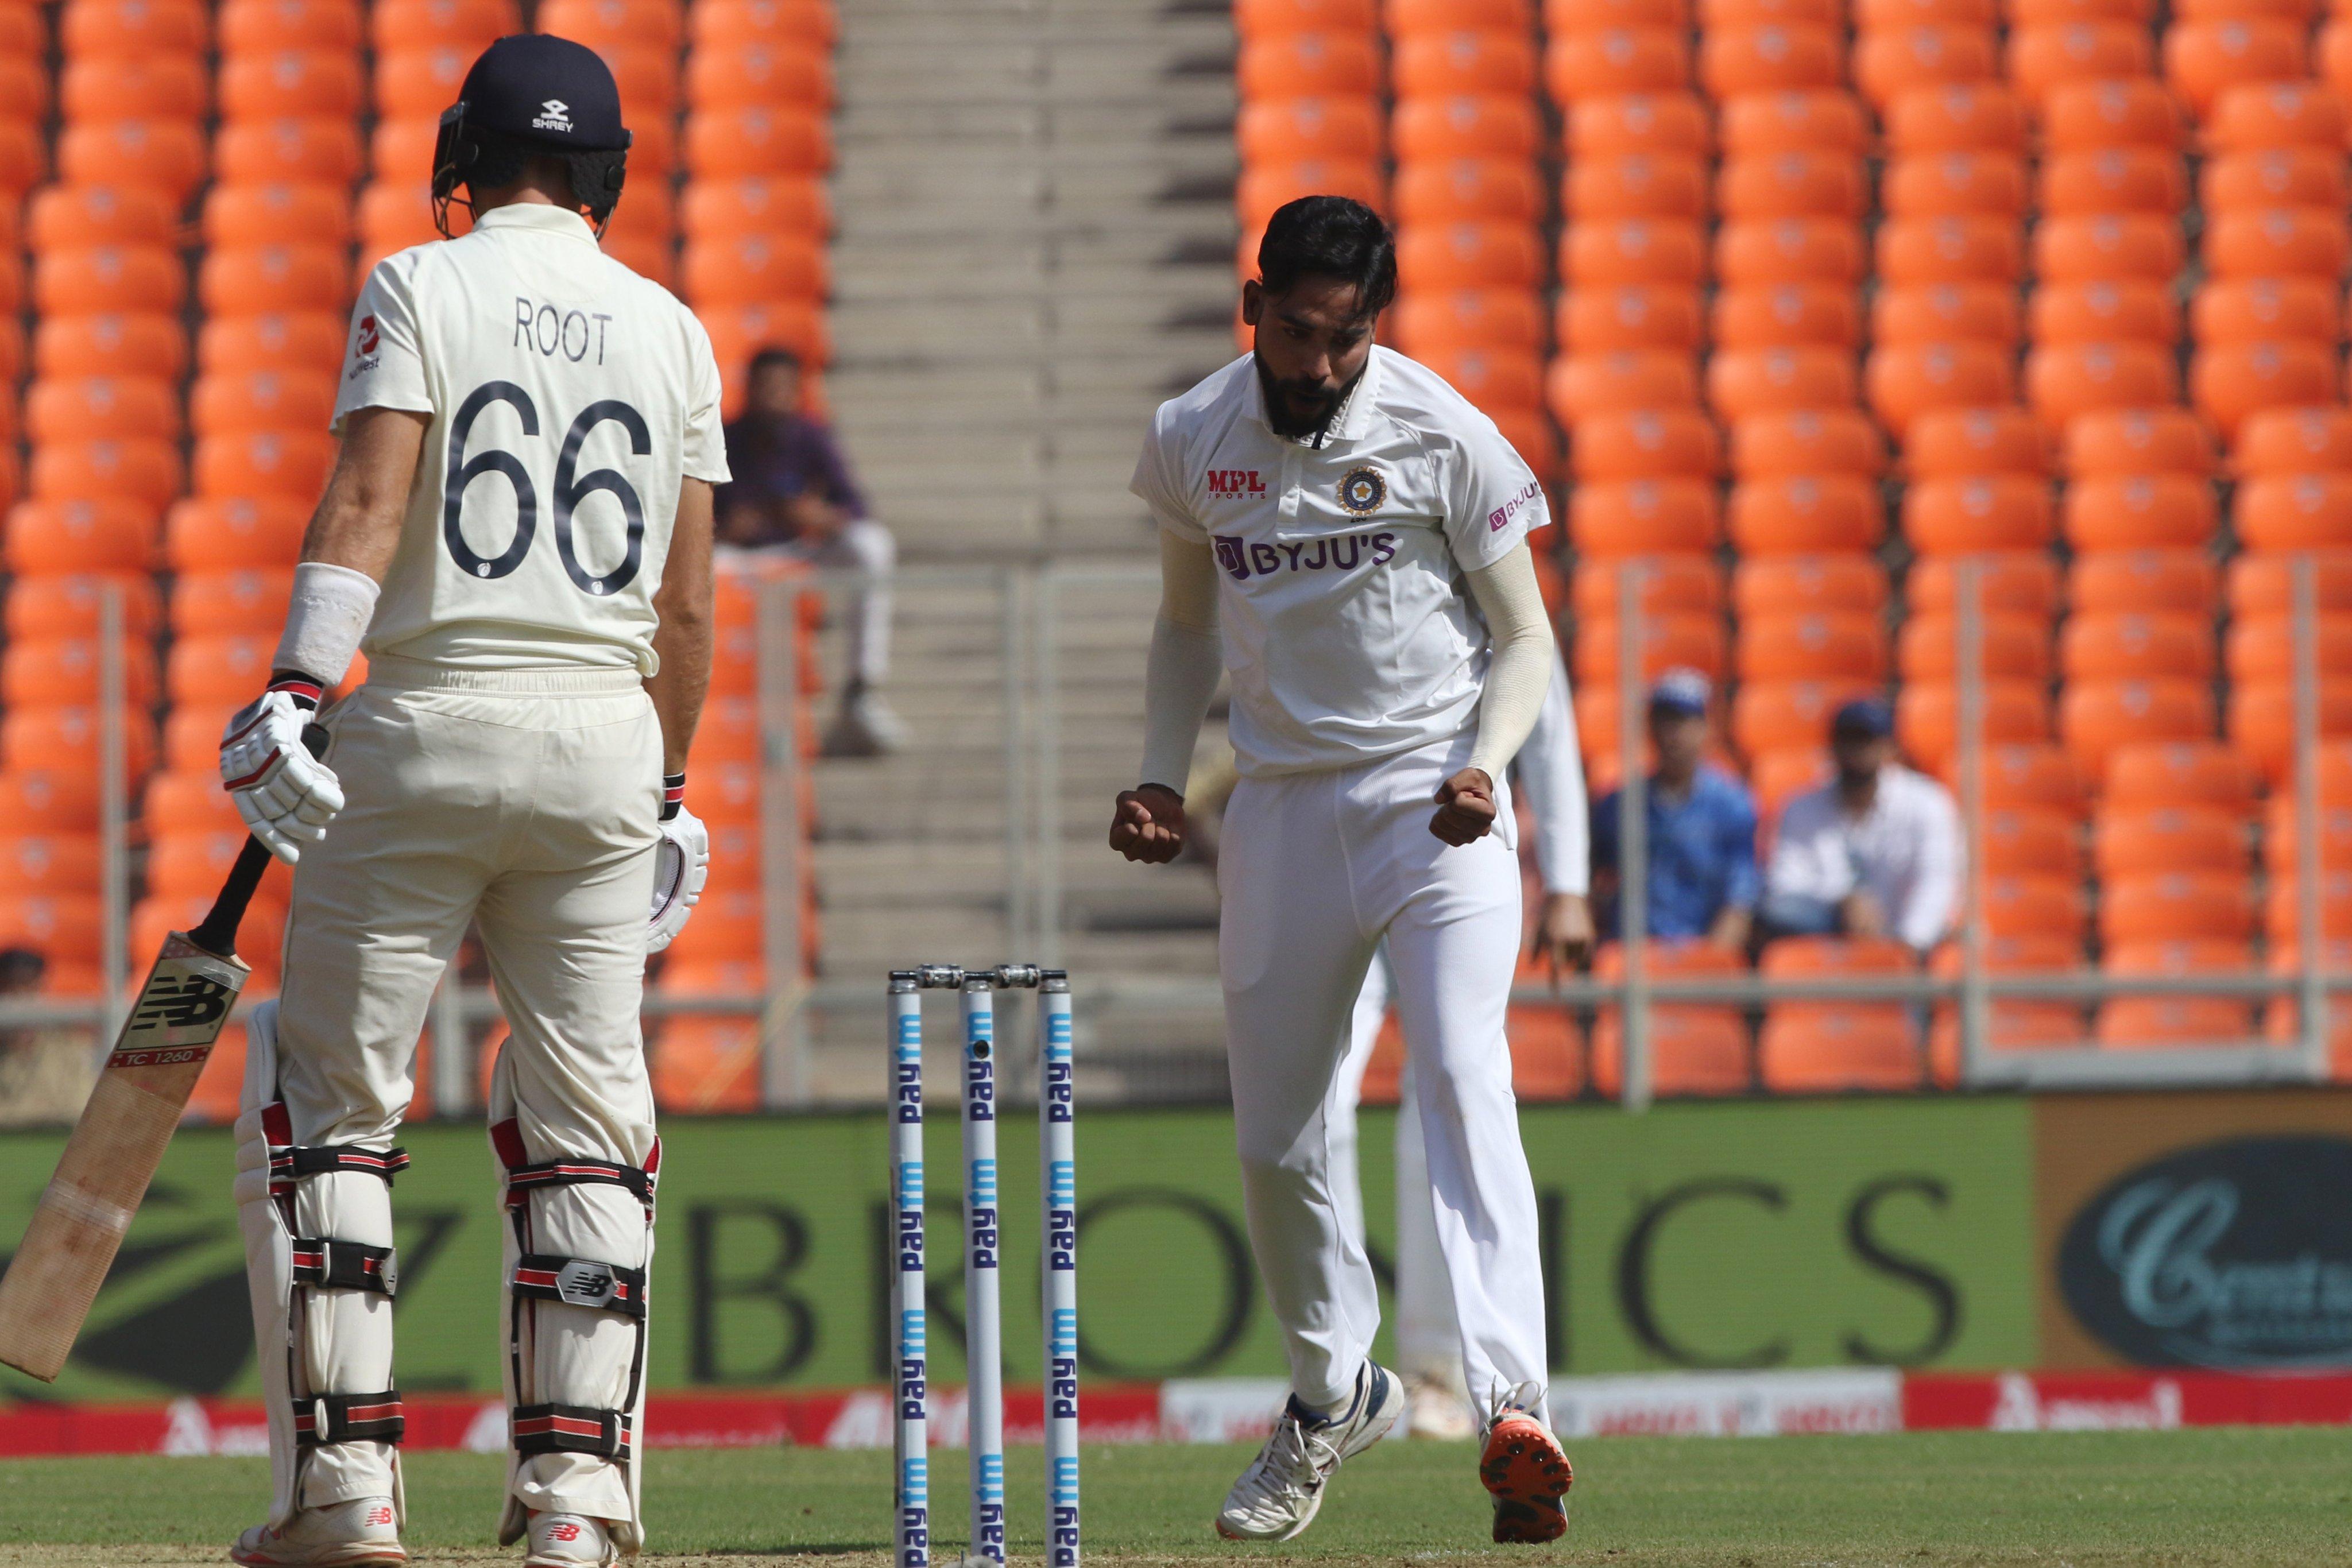 LIVE Ind vs Eng, 4th Test Day-1: इग्लैंड पर हावी हुए भारतीय गेंदबाज, आधी टीम पवेलियन लौटी